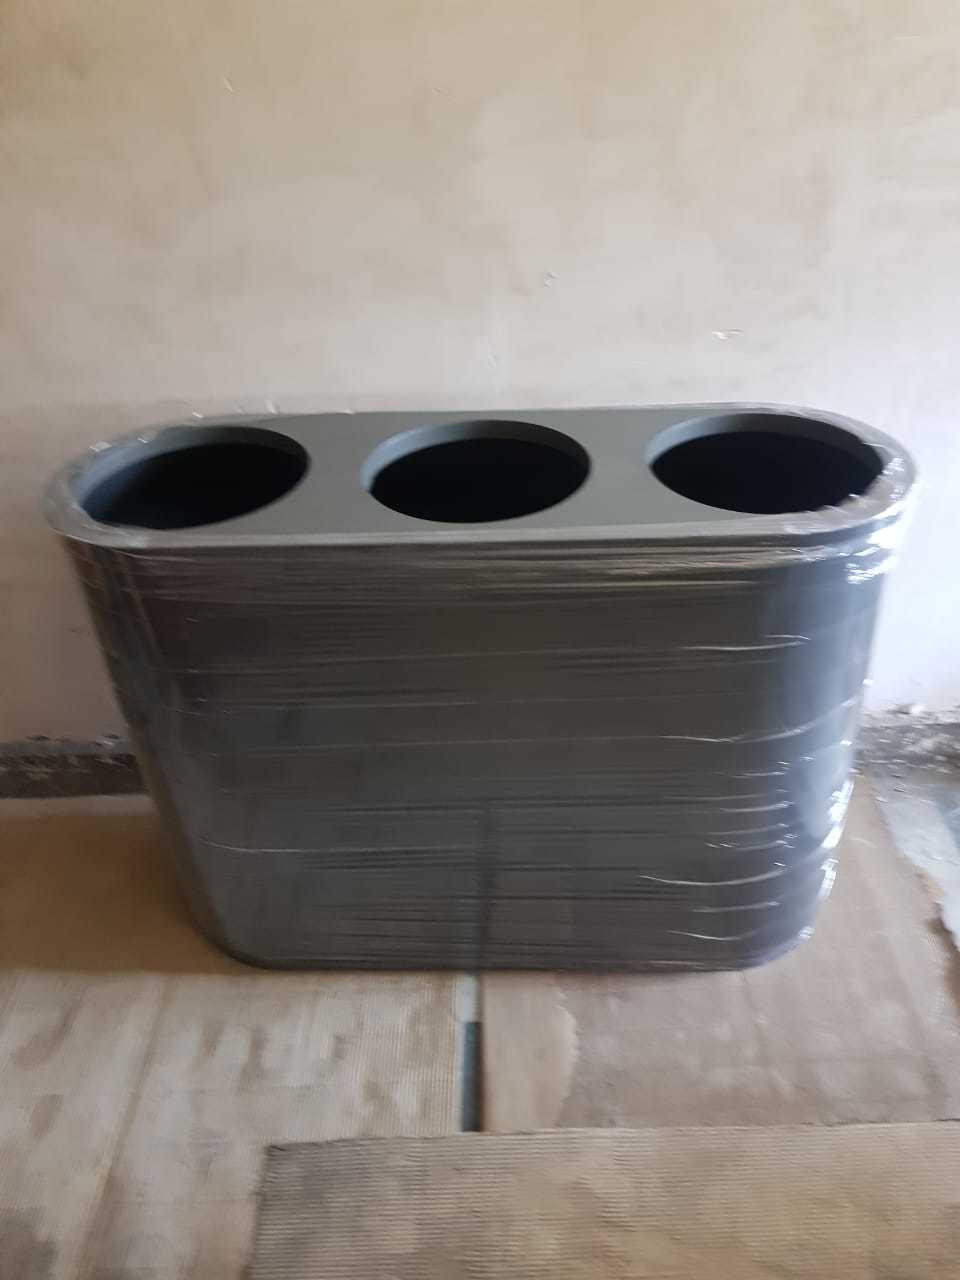 Dual Dustbin